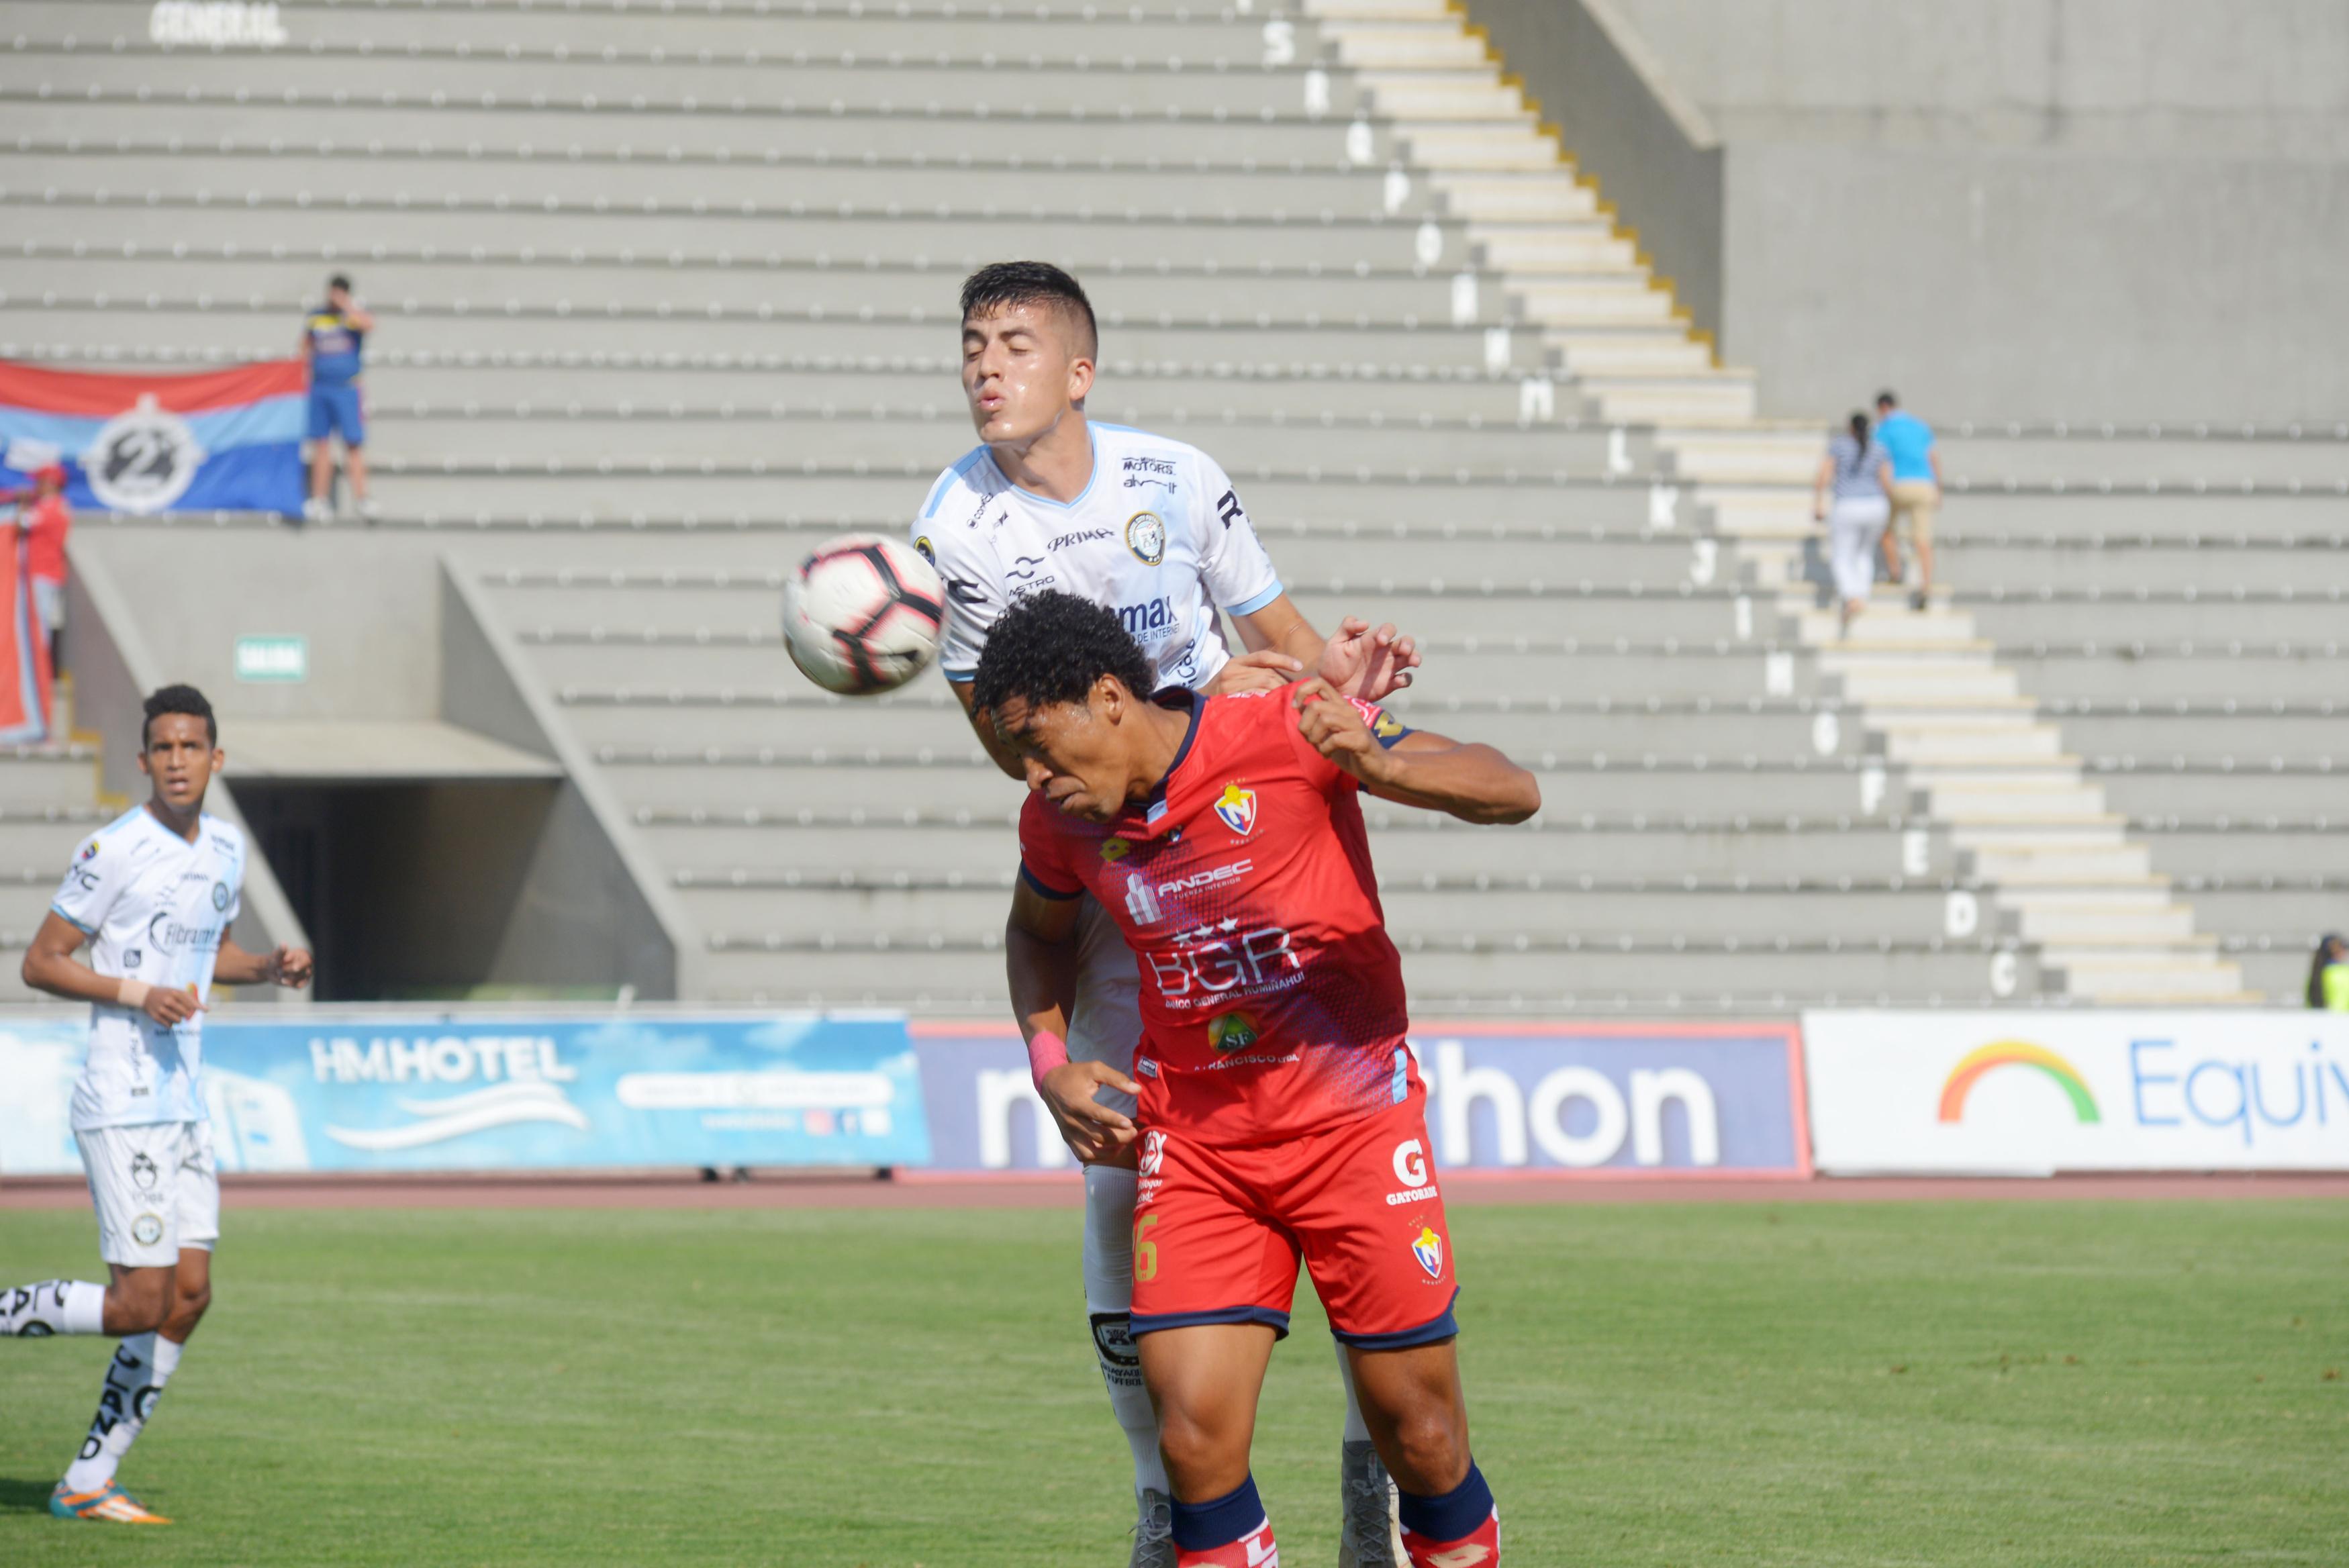 Guayaquil City llegó a un acuerdo con el argentino, quien fue de los más regulares en la anterior temporada